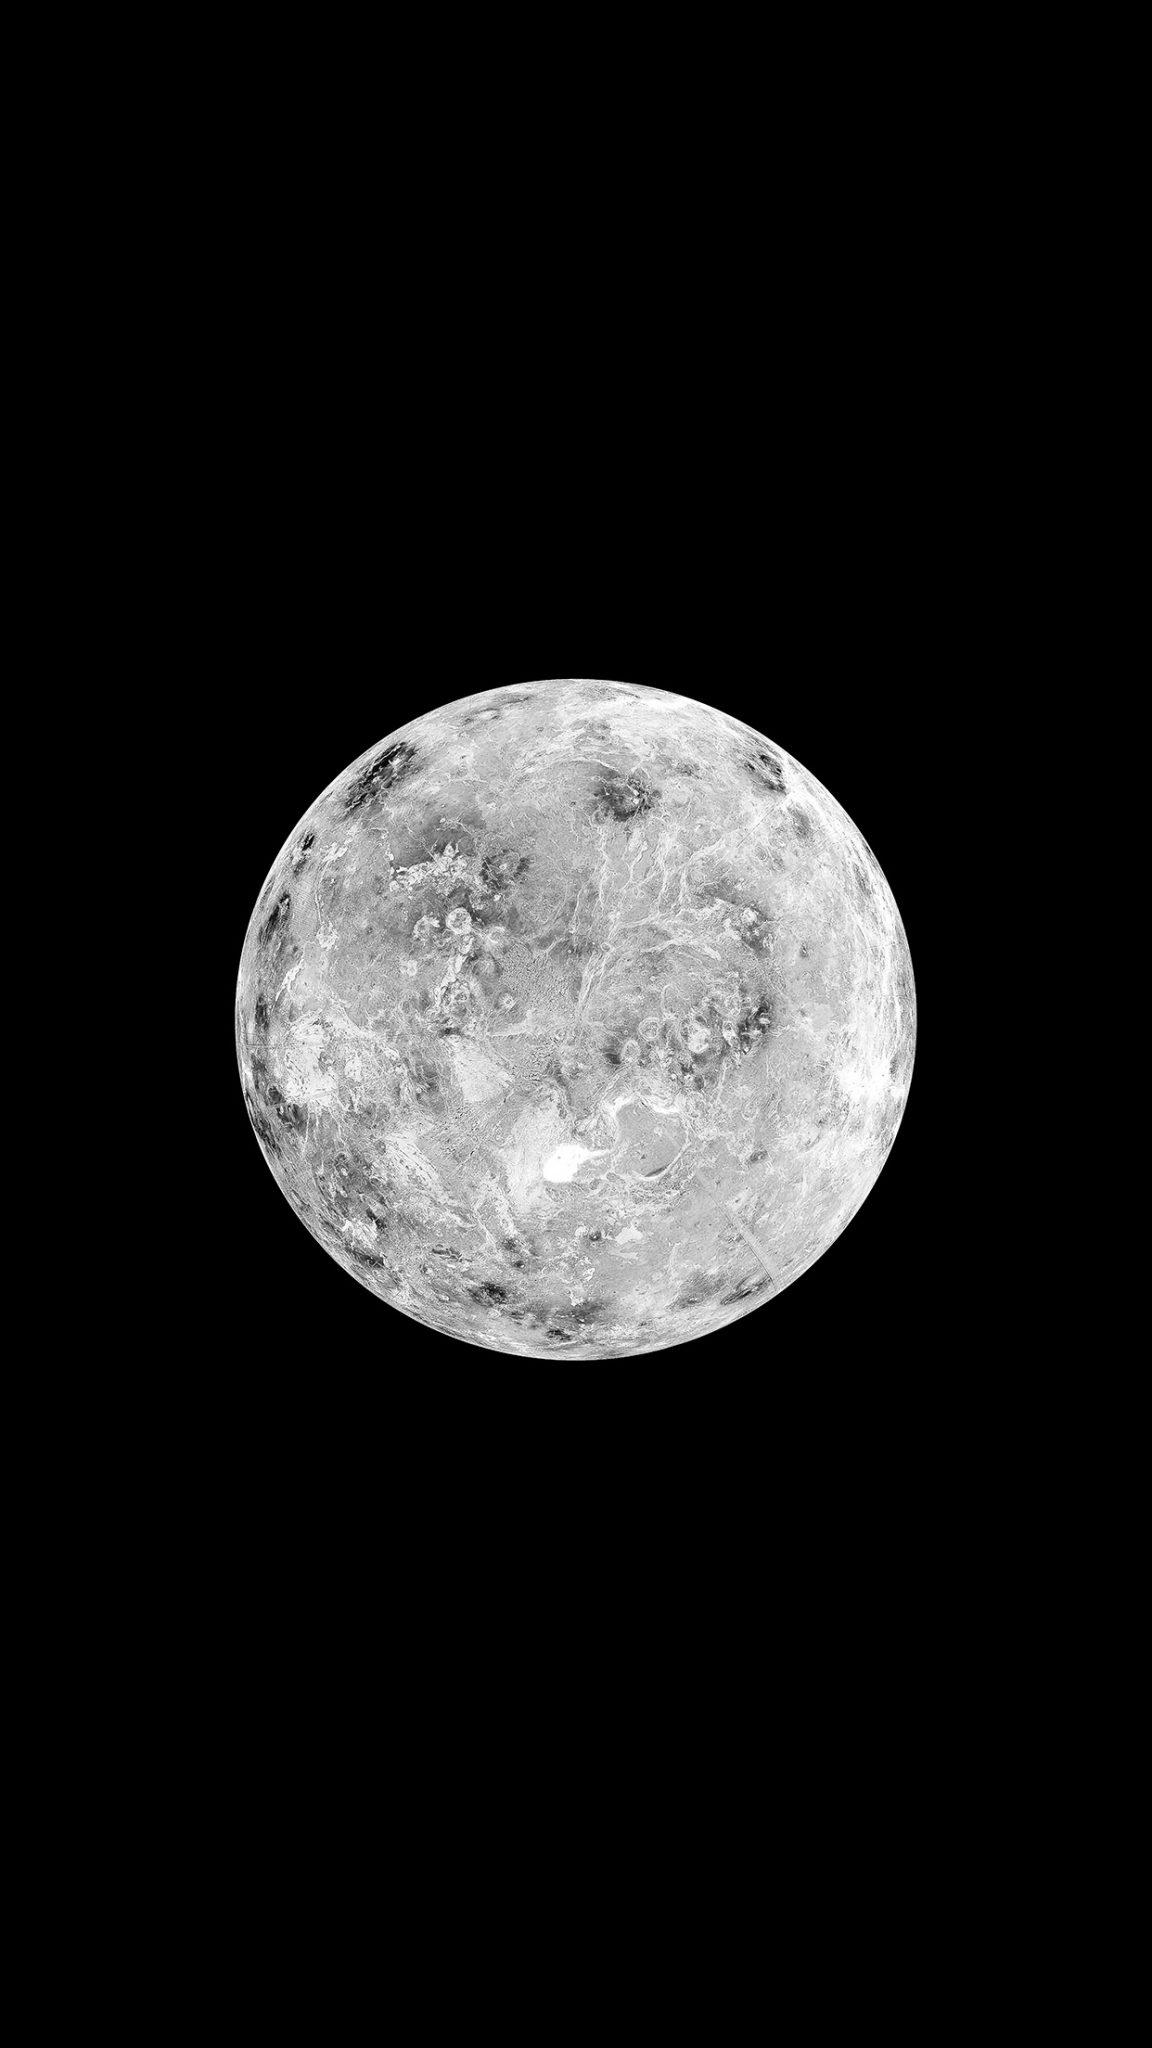 Hình ảnh mặt trăng đen trắng